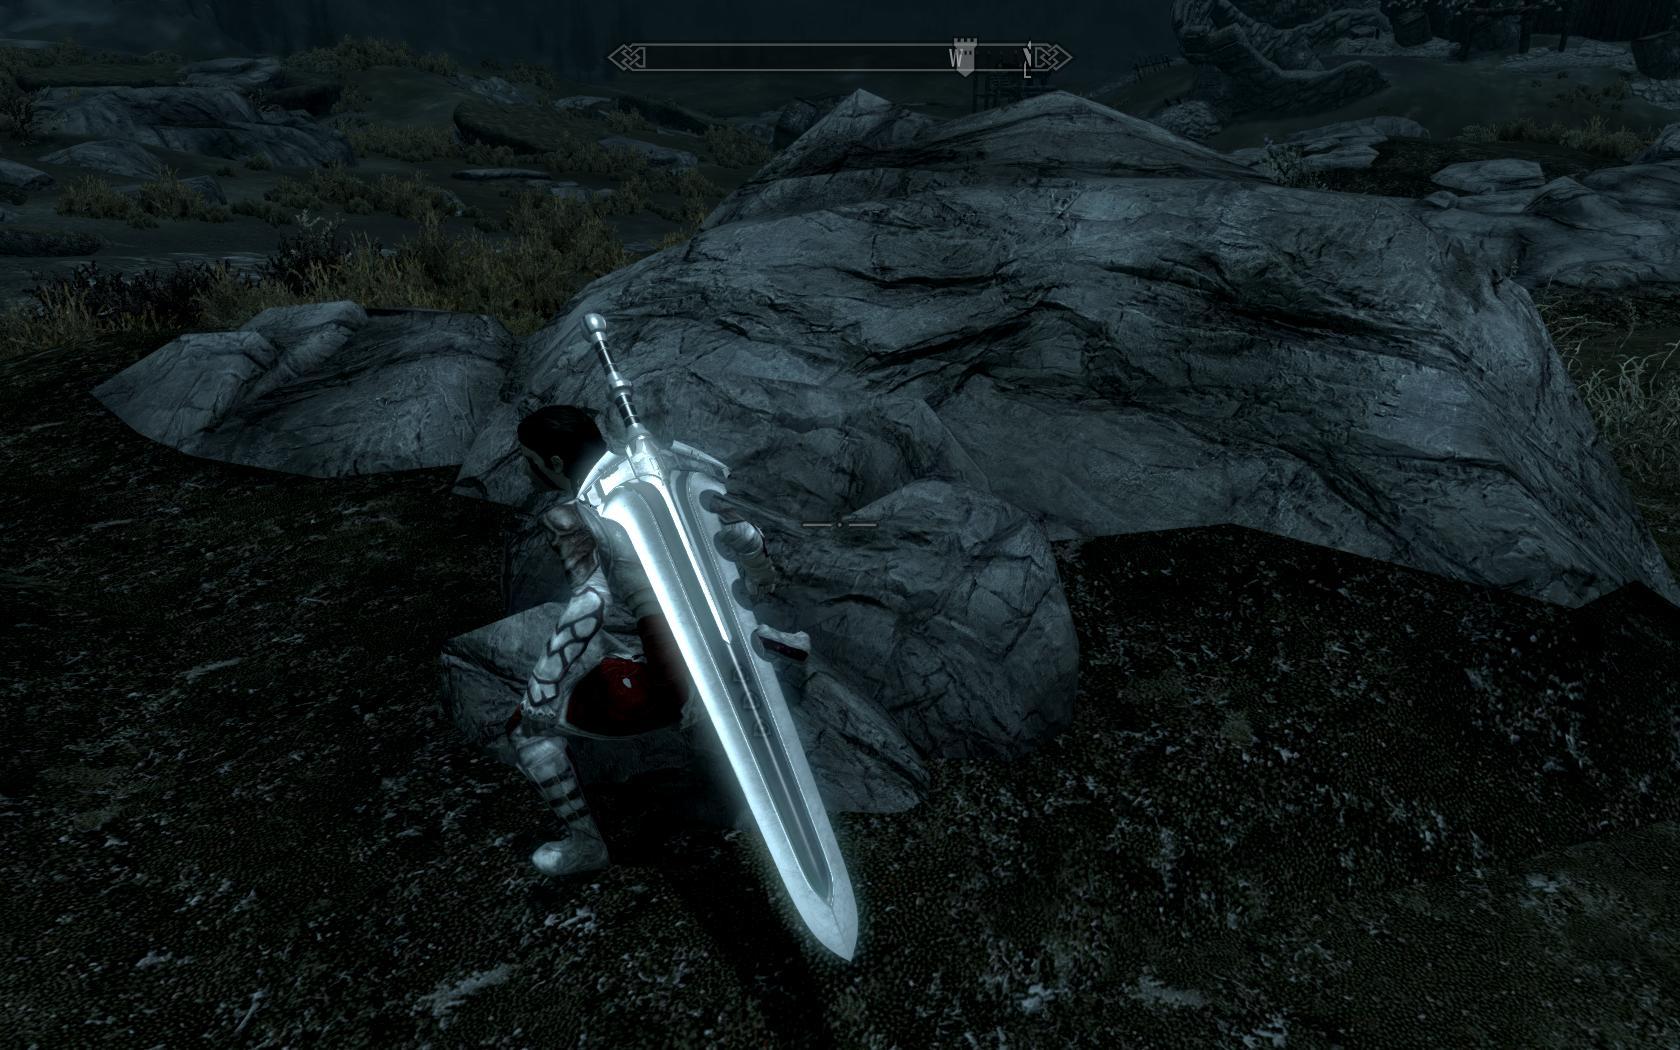 Коды на мечи в скайриме с картинками